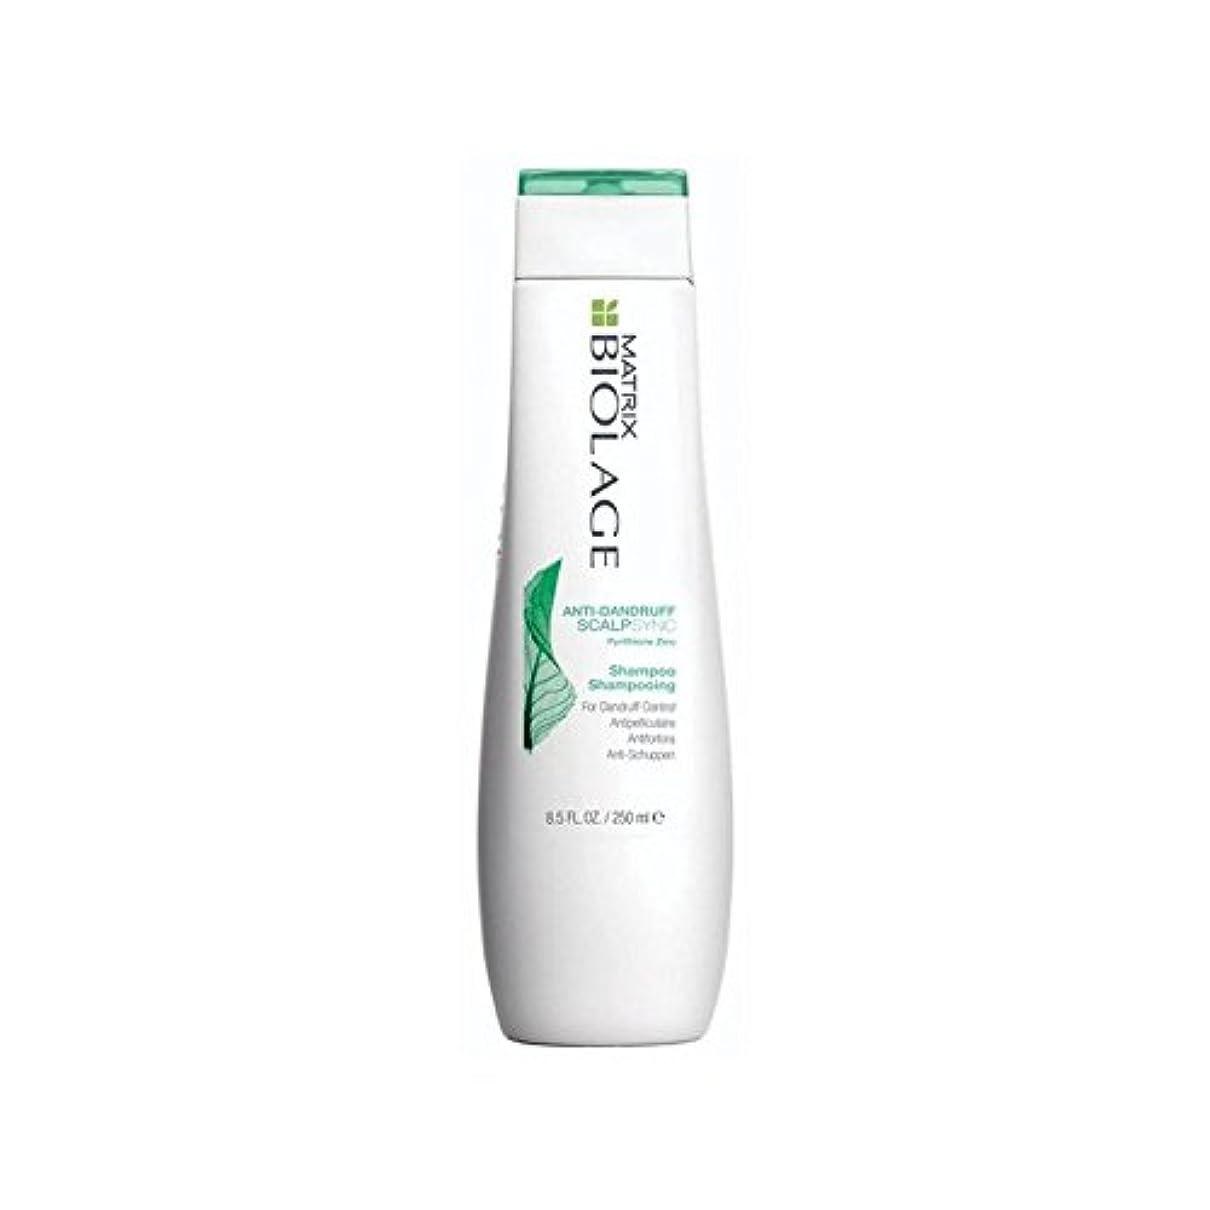 注入故意にスツールマトリックスバイオレイジのフケ防止シャンプー(250ミリリットル) x2 - Matrix Biolage Scalptherapie Antidandruff Shampoo (250ml) (Pack of 2) [並行輸入品]